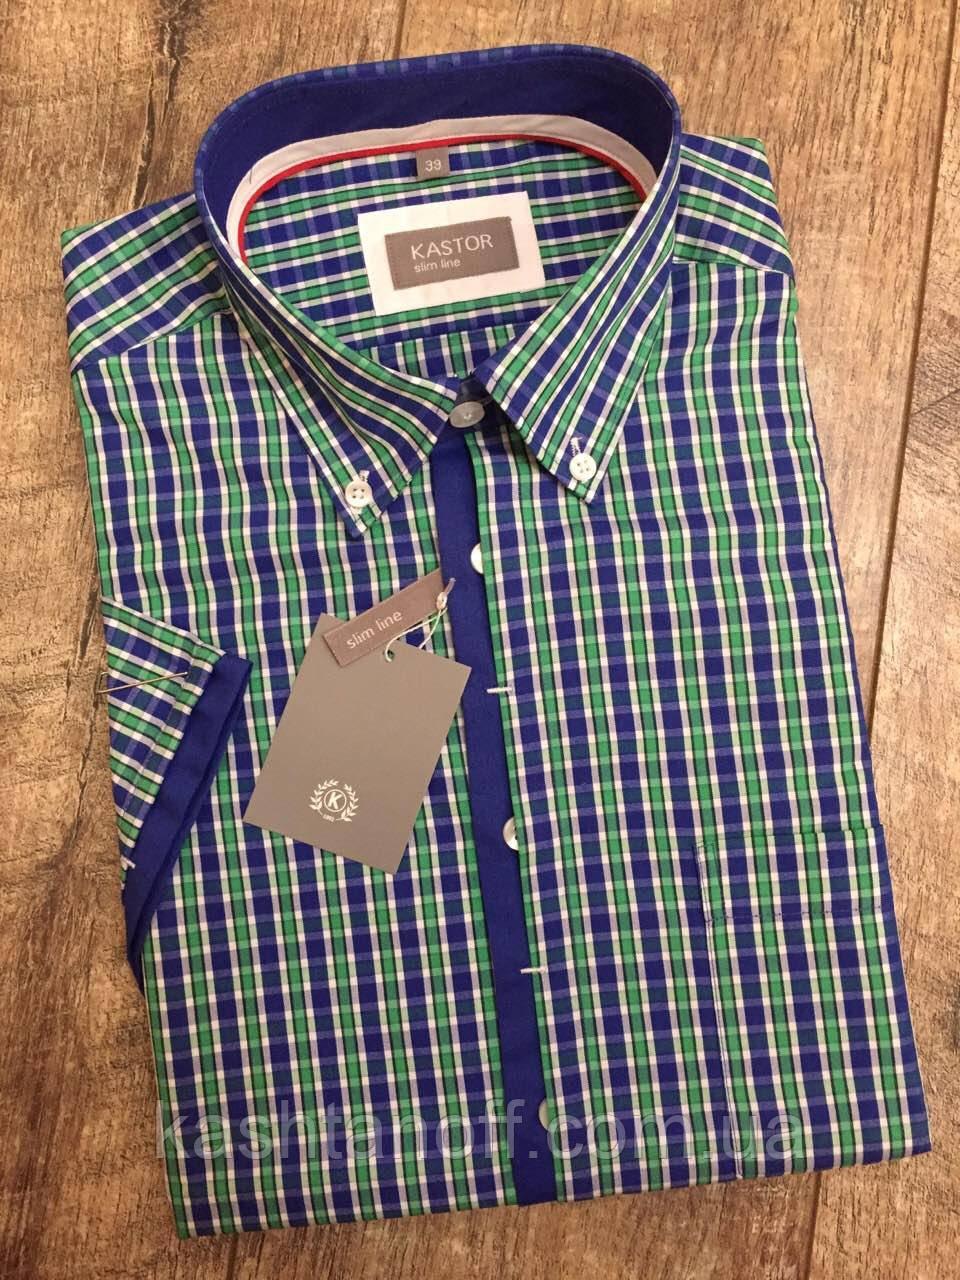 Мужская рубашка KASTOR в сине-зеленую клетку